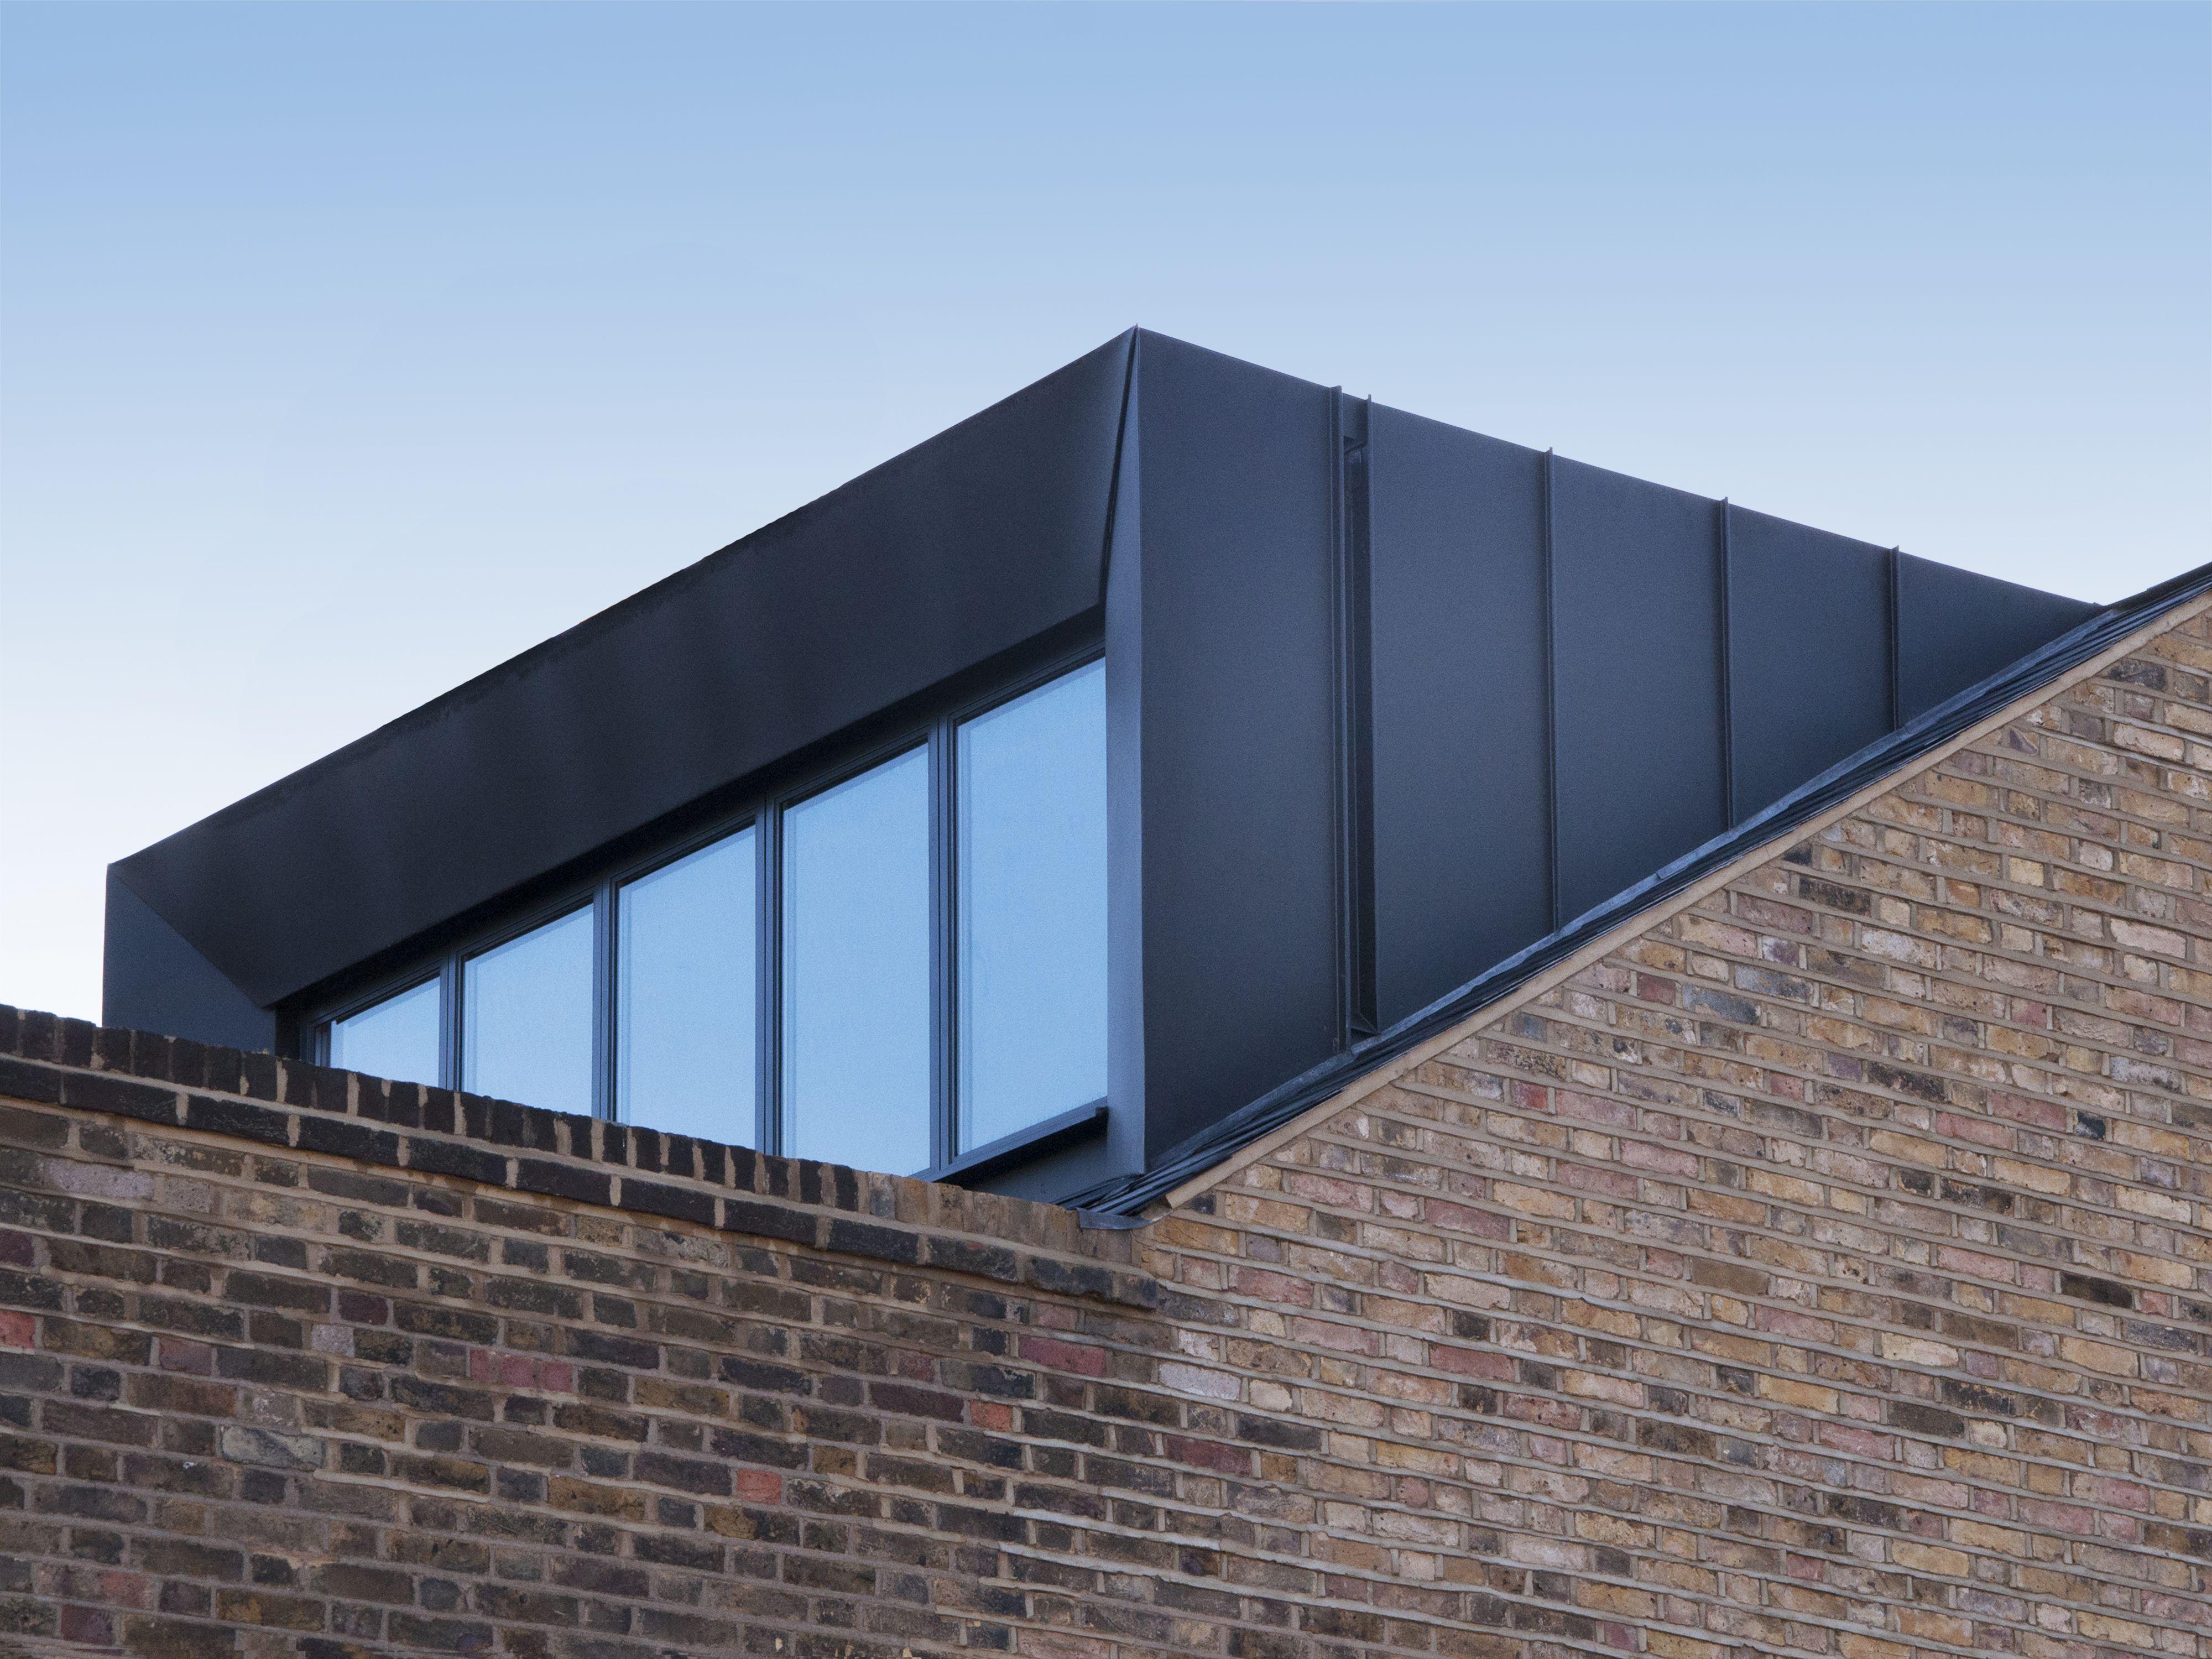 Lampmead Road Lewisham P Lanstudio Roof Architecture Roof Design House Roof